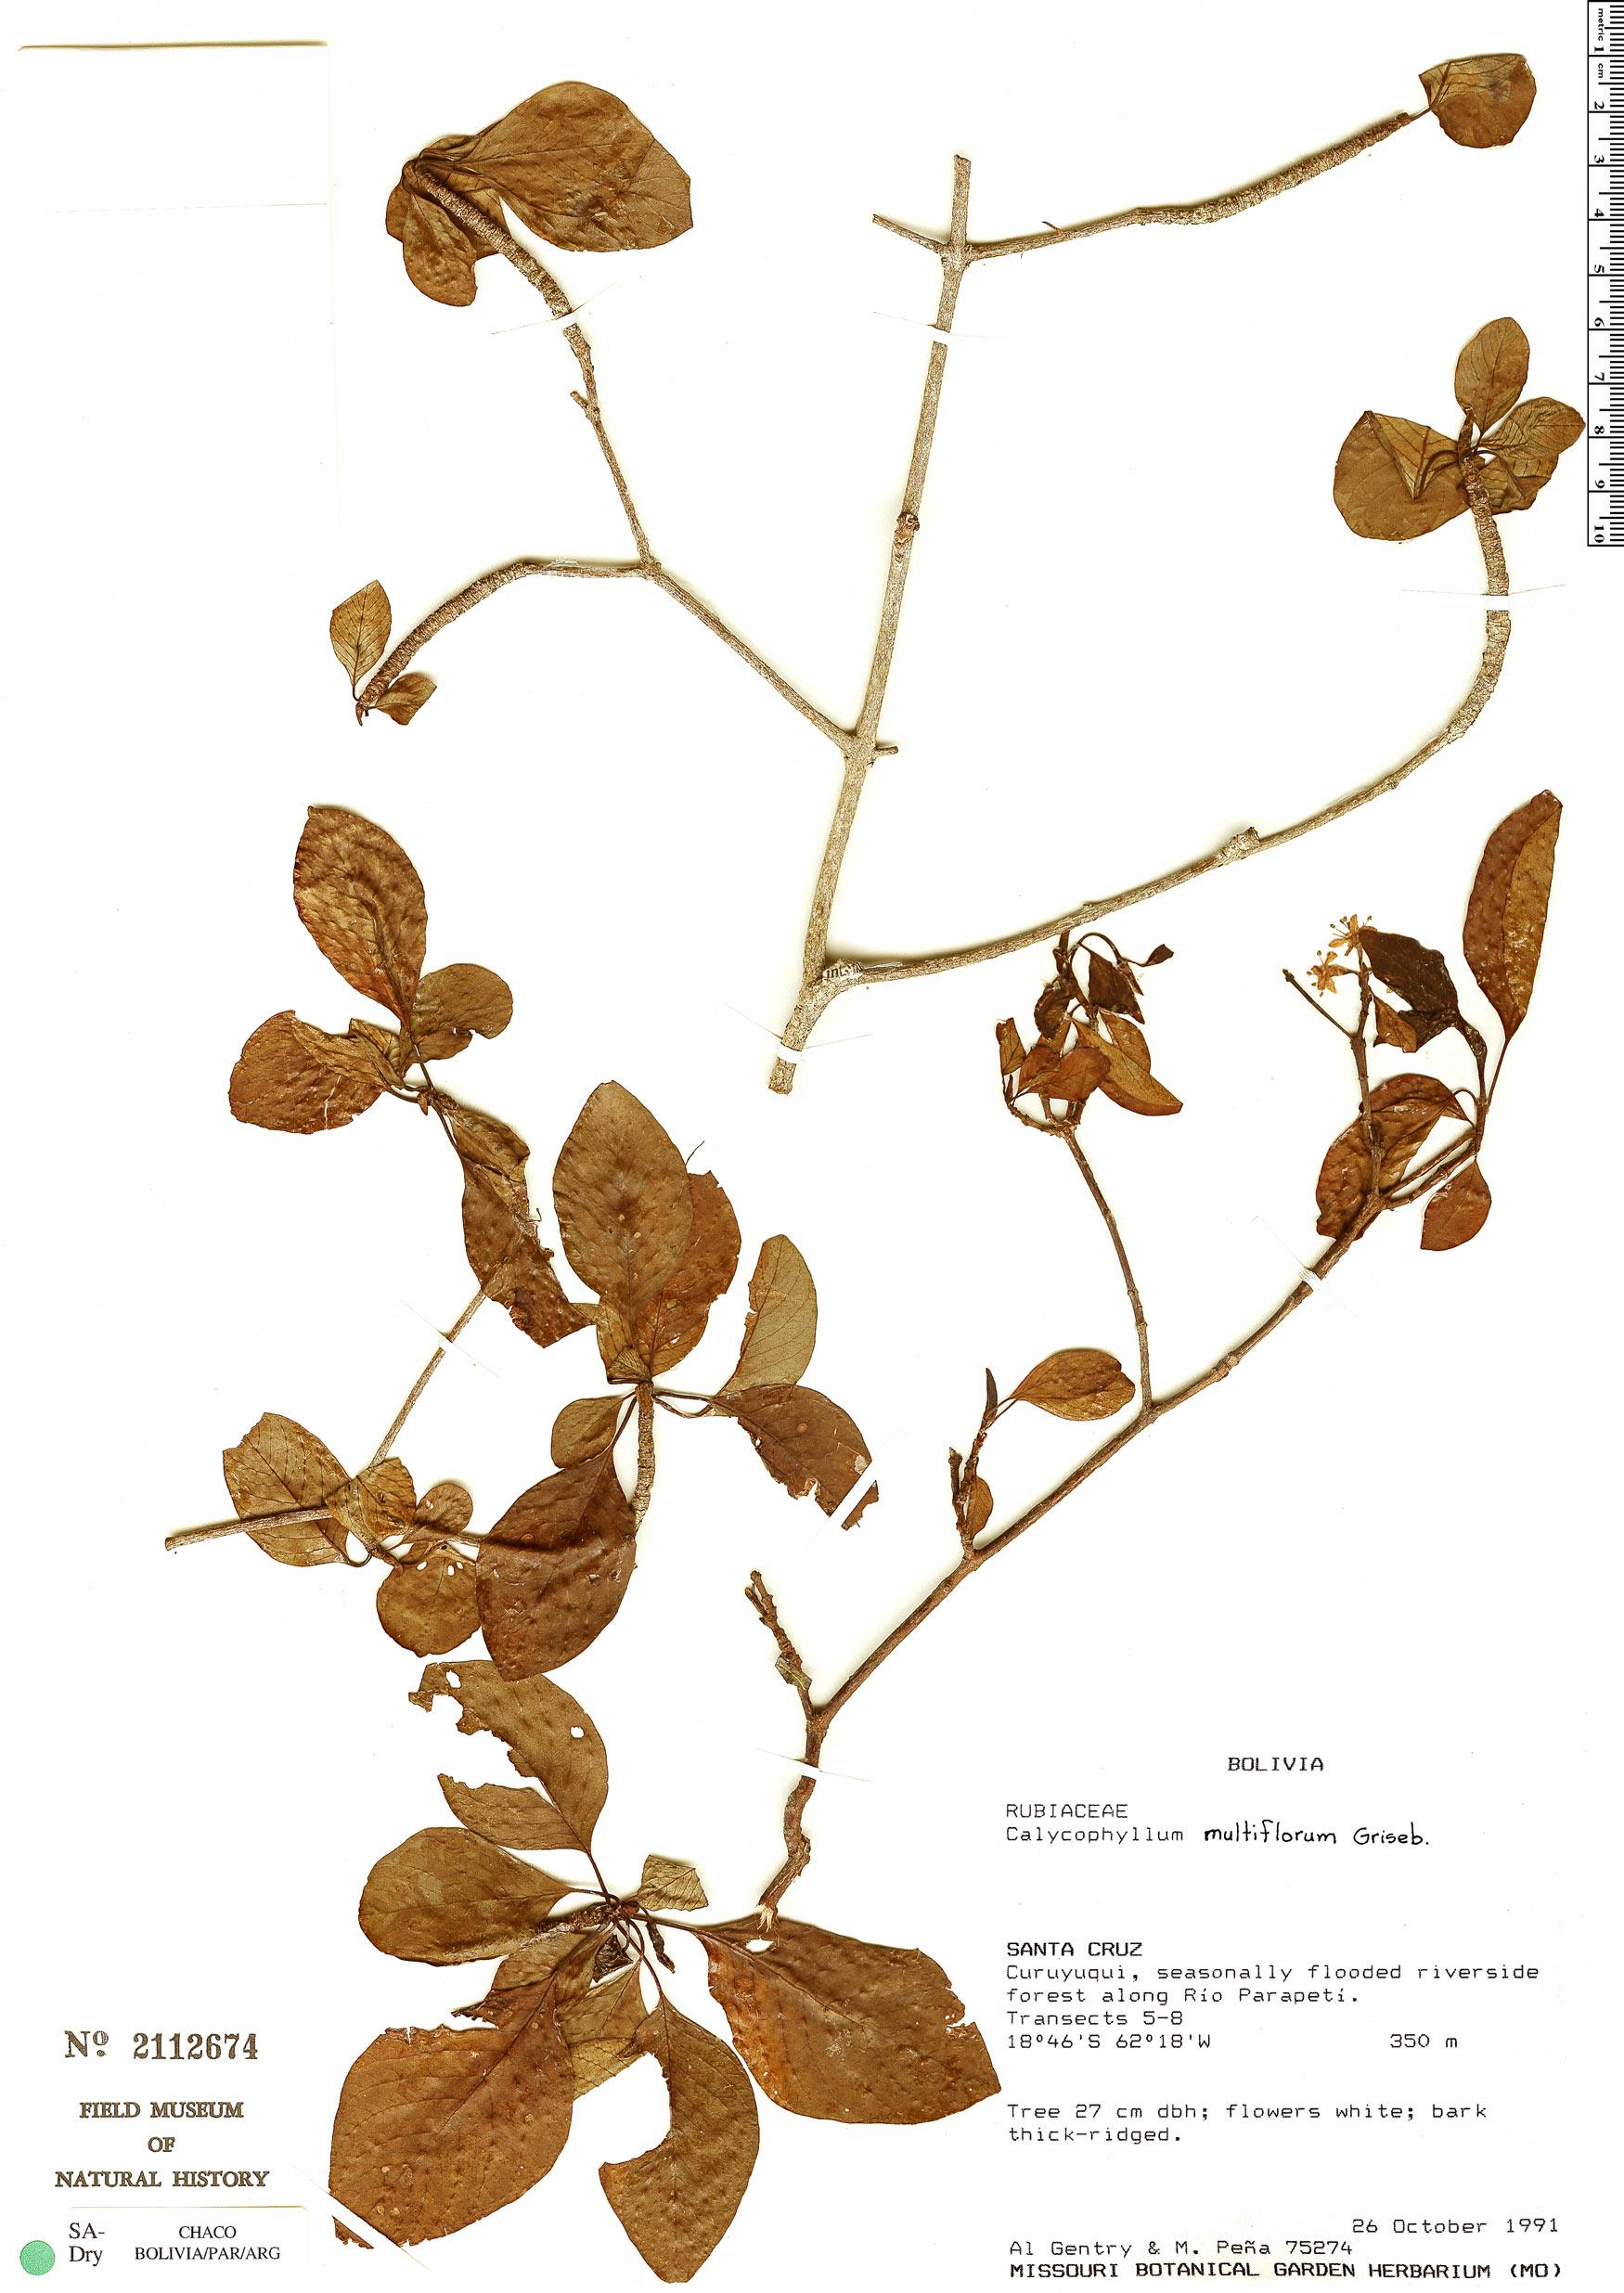 Specimen: Calycophyllum multiflorum